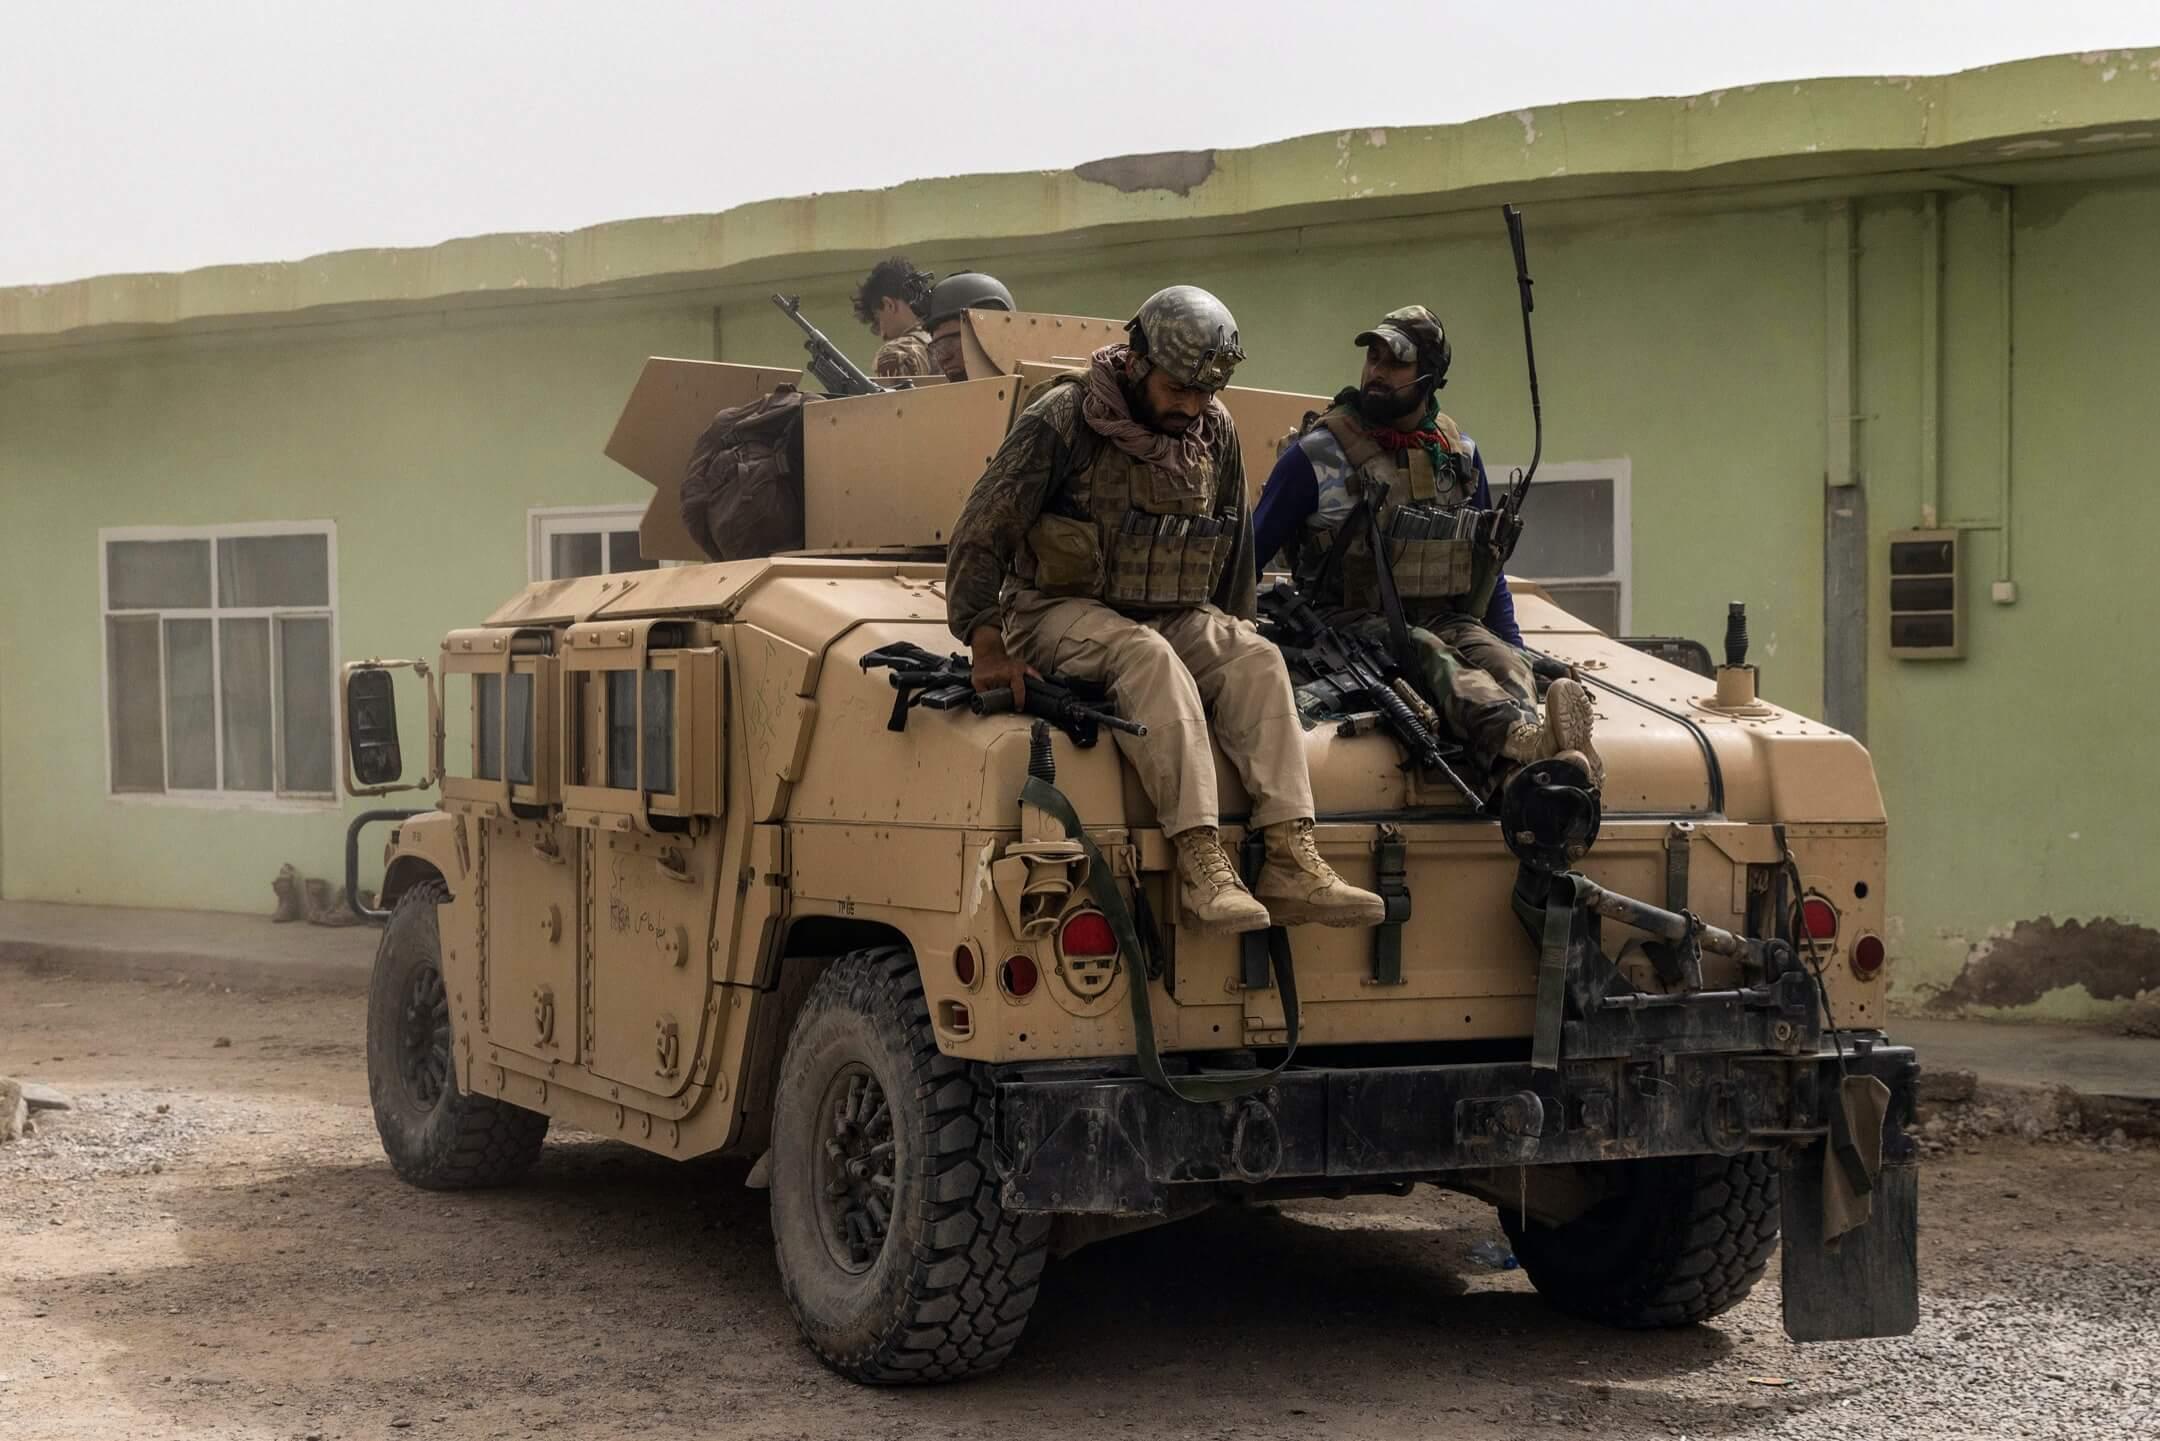 2021年7月13日,阿富汗坎大哈省,阿富汗特種部隊成員在一項拯救任務中與塔利班發生激烈衝突後,回到部隊基地。